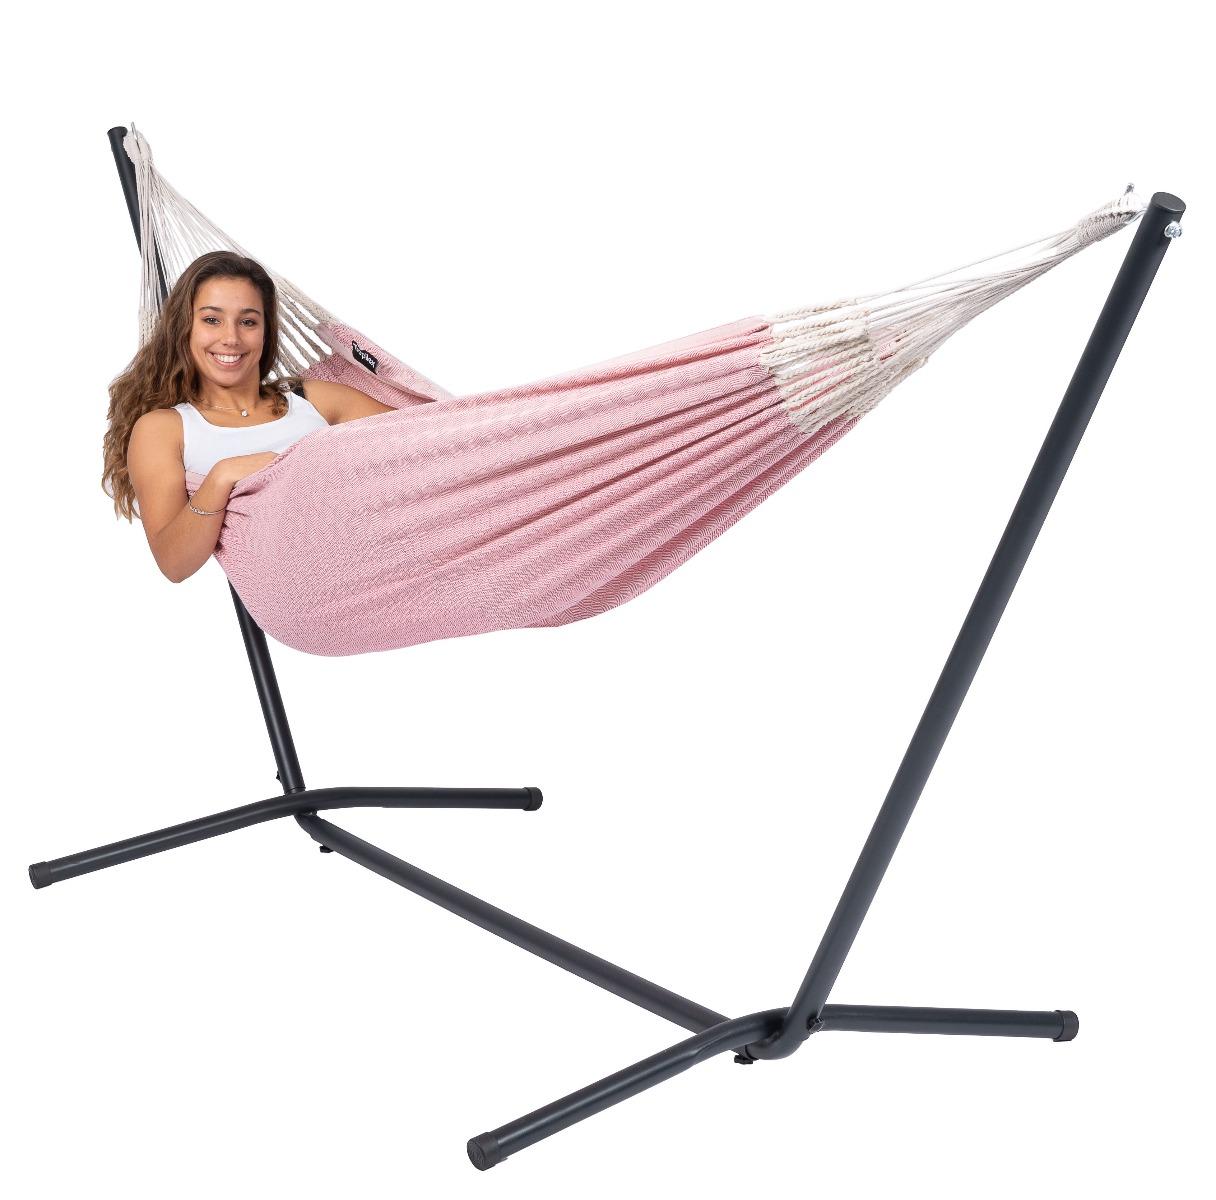 Hangmat met Standaard Eénpersoons 'Easy & Natural' Pink - Roze - Tropilex ®